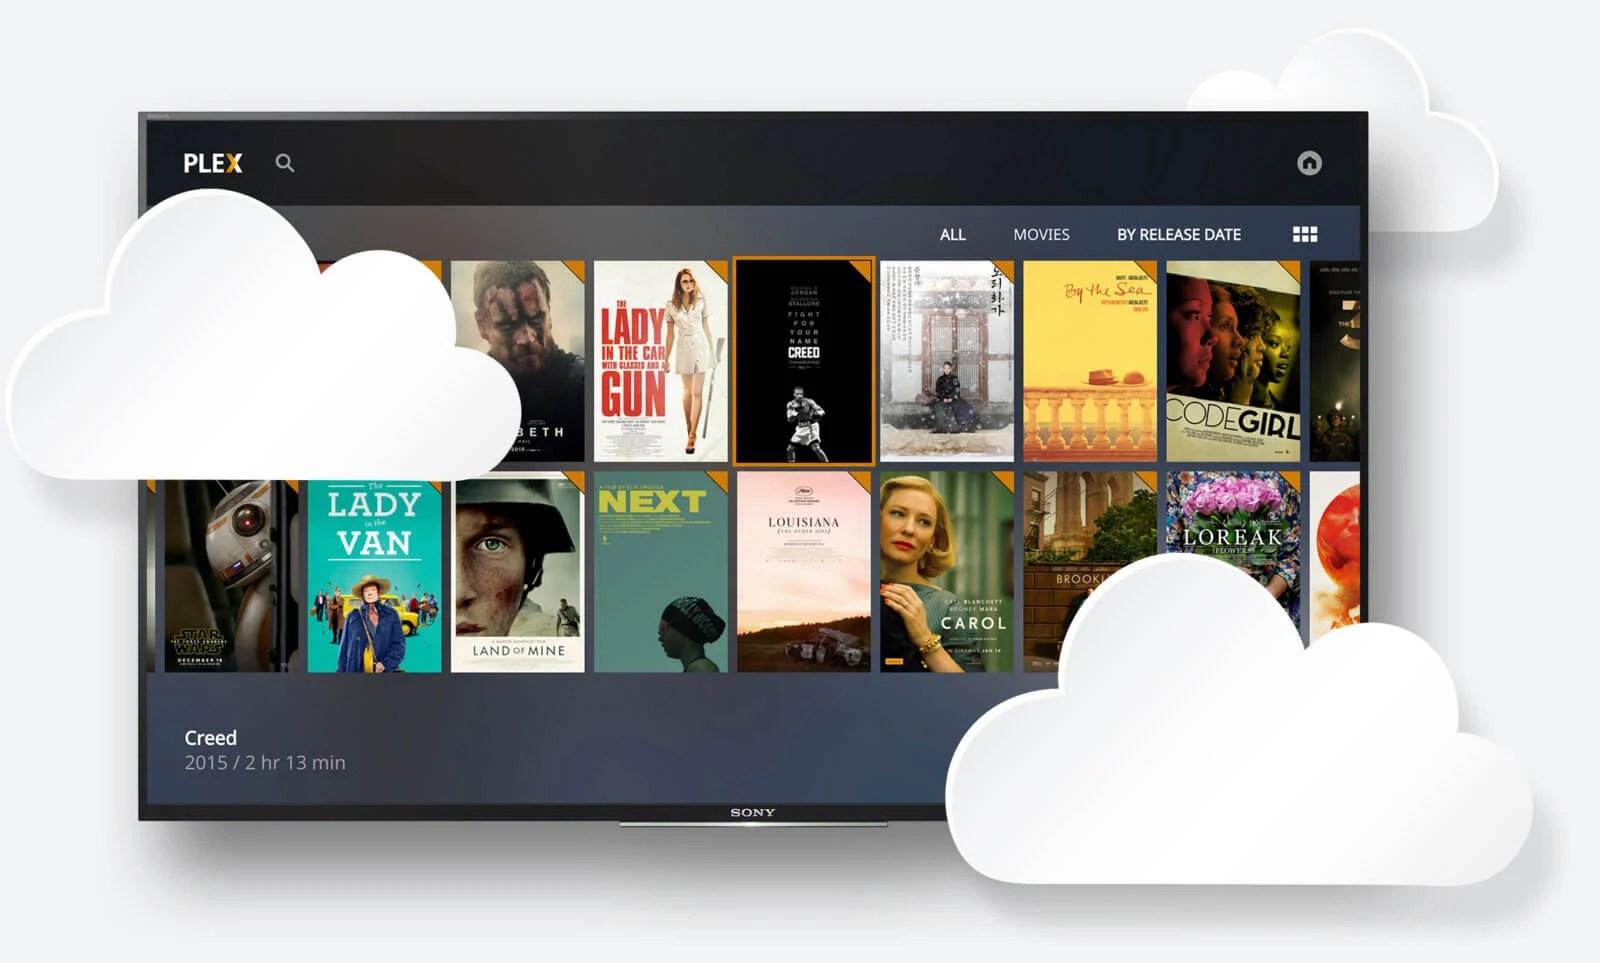 Nous avons testé Plex Cloud, plus besoin de machine locale pour stocker vos films et séries